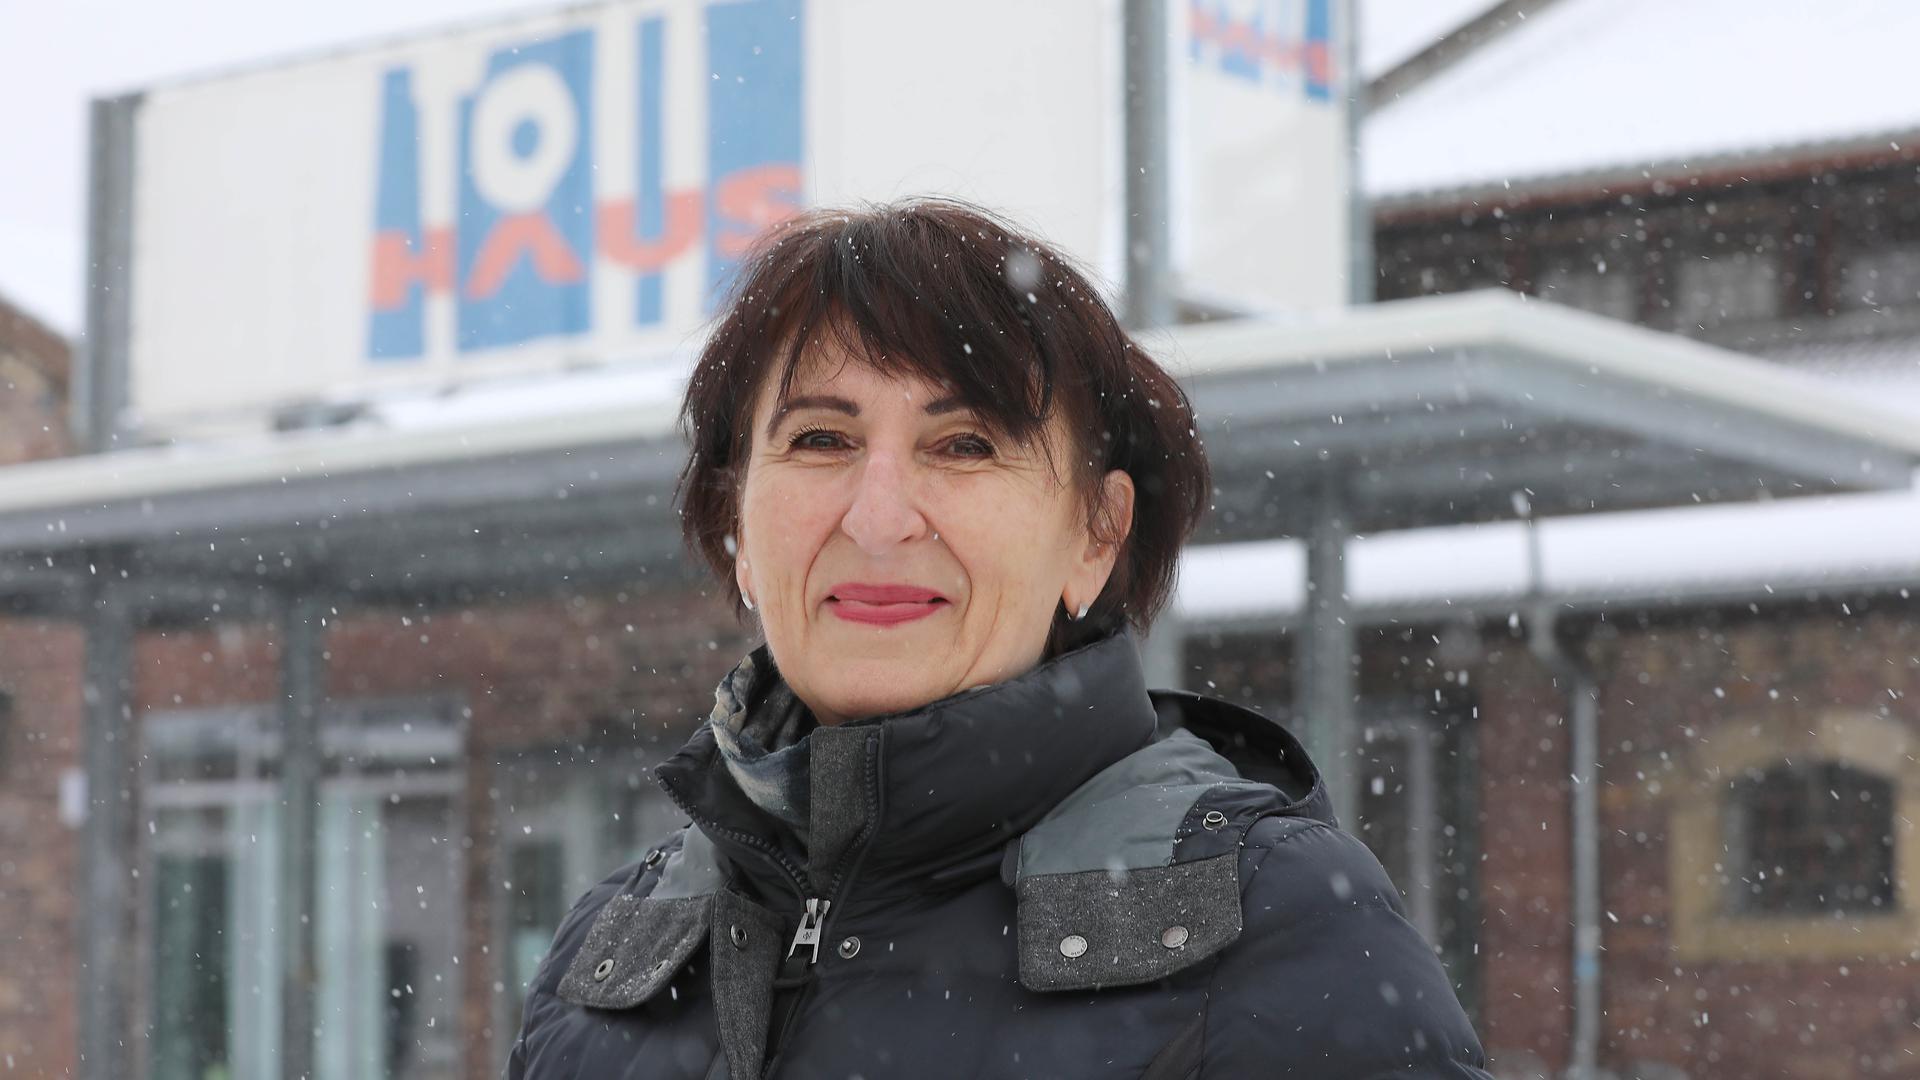 Kulturfreundin: Ute Leidig, die für die Grünen im Wahlkreis Ost antritt, ist Expertin für Kommunales. In ihrer Freizeit genießt sie die Kunst.